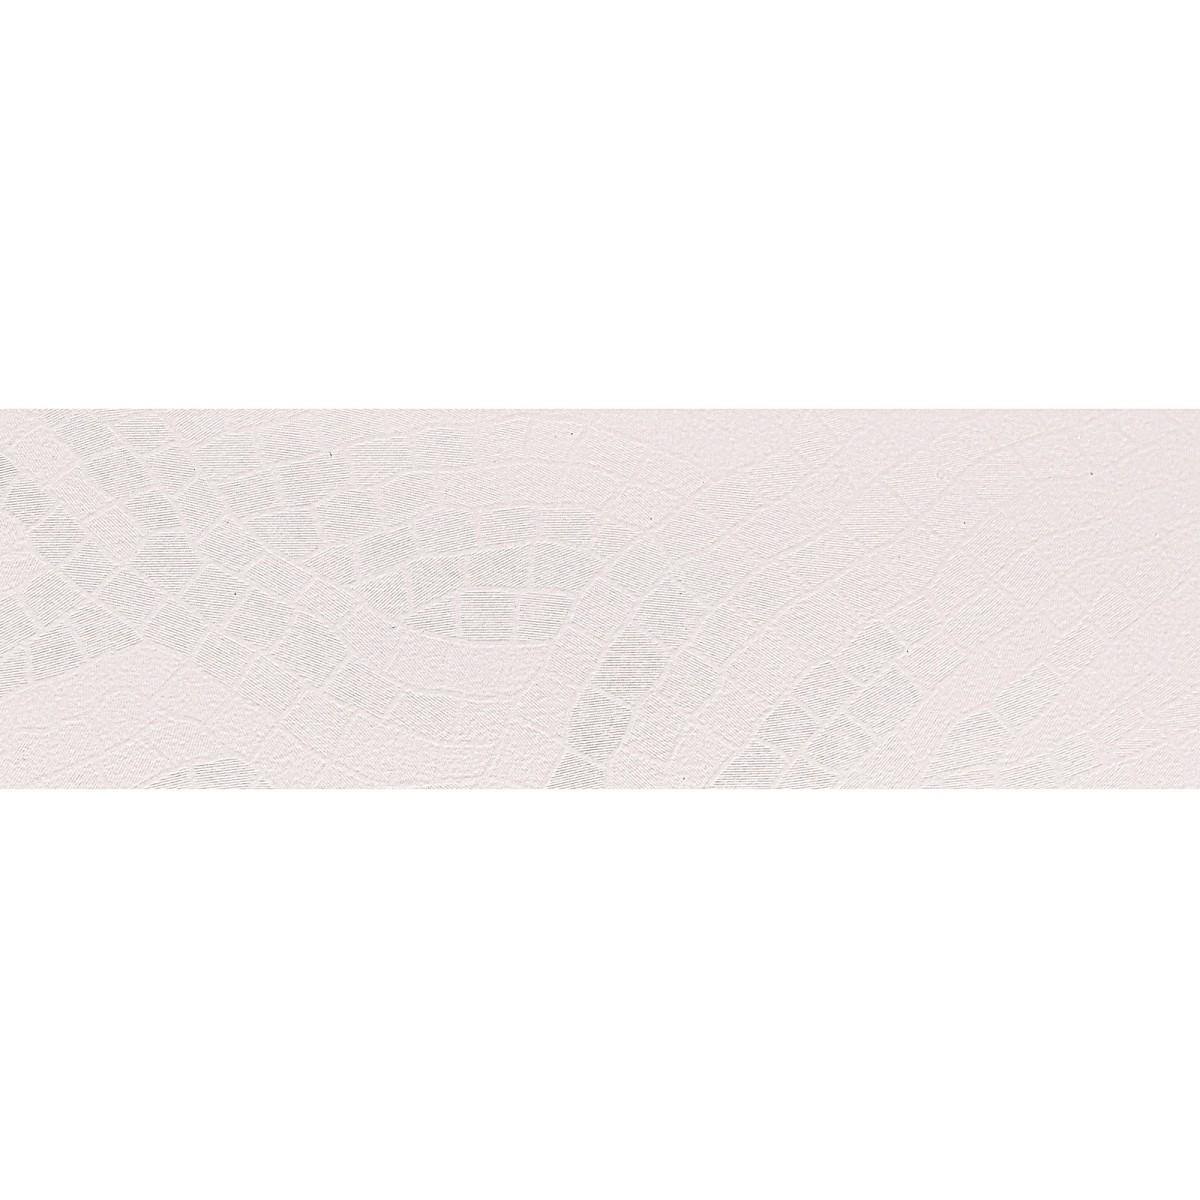 Кромка №1000 Без Клея Для Плинтуса 305Х32 Цвет Белый